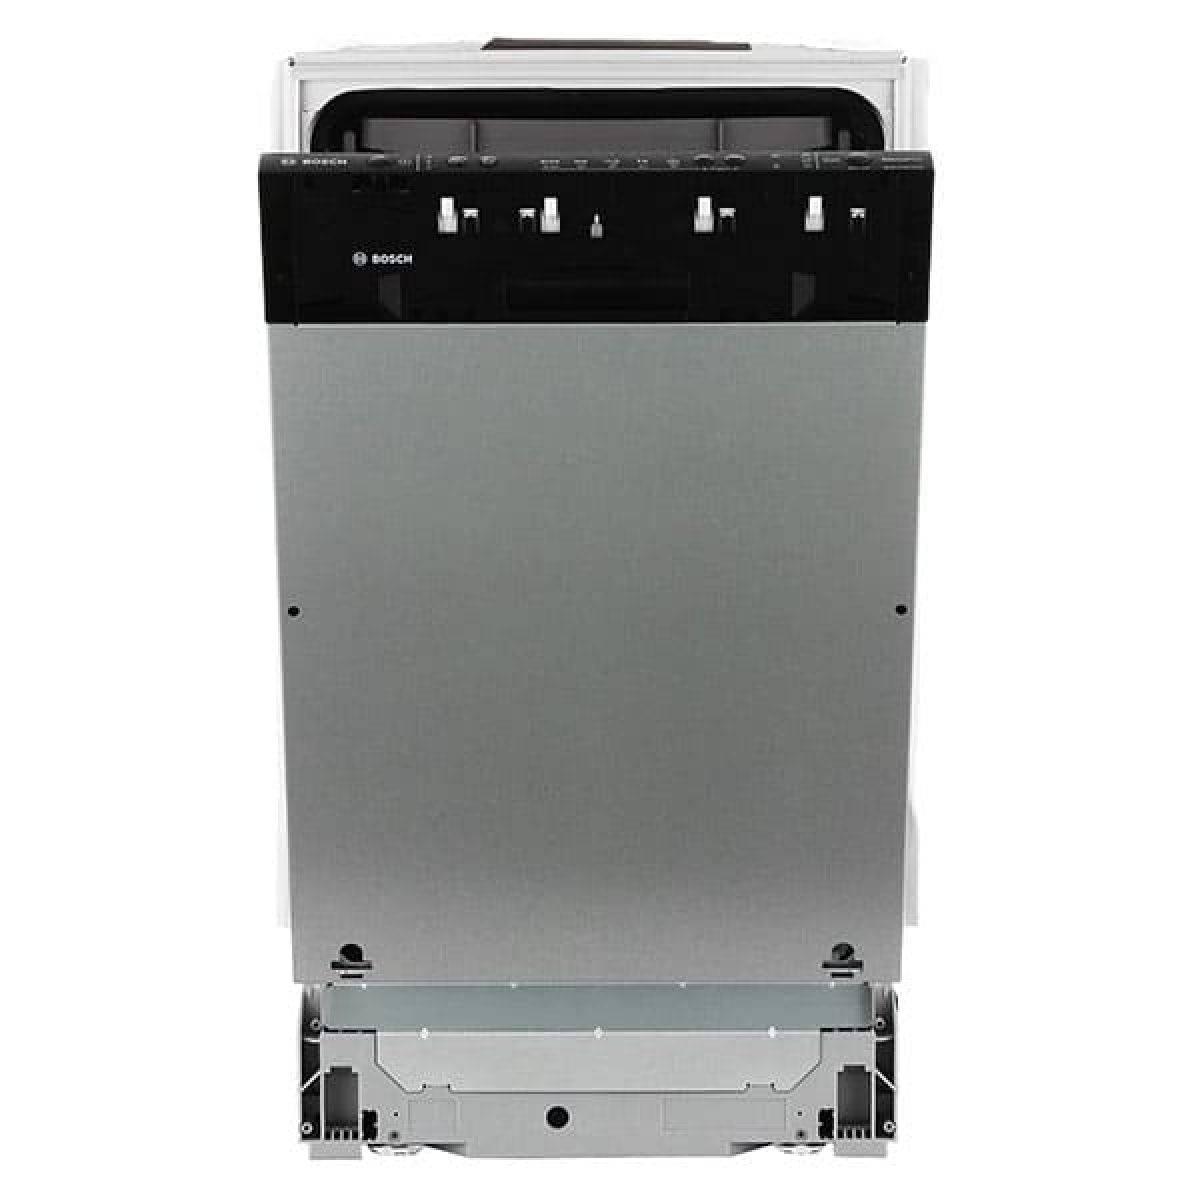 Посудомоечные машины bosch silence plus: обзор моделей + отзывы - точка j